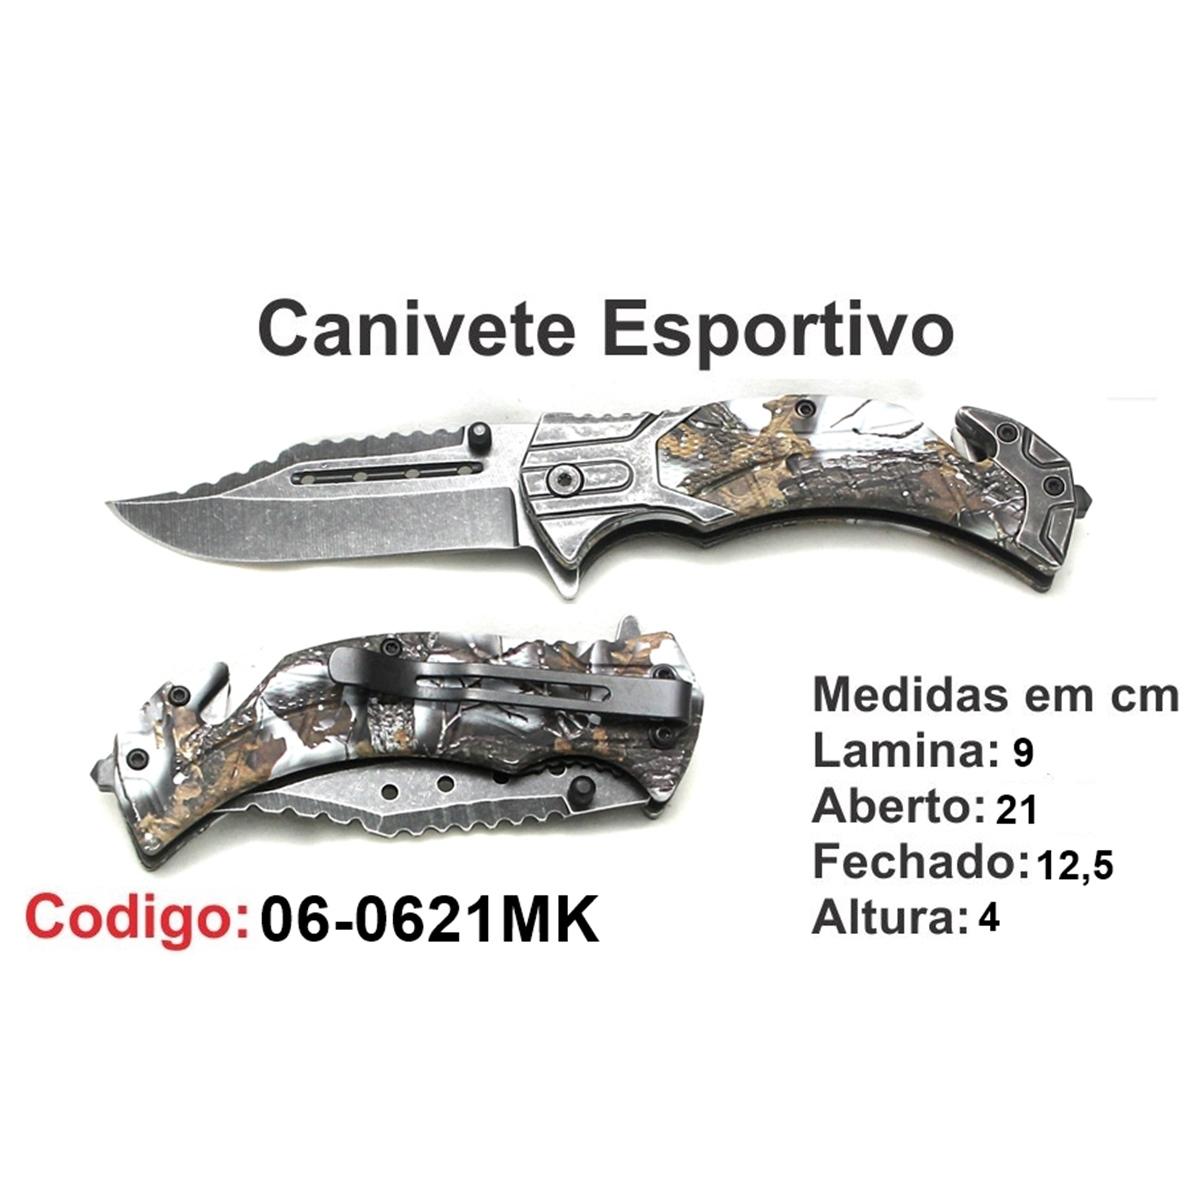 Canivete Esportivo Caça Pesca Etc. 06-0621MK